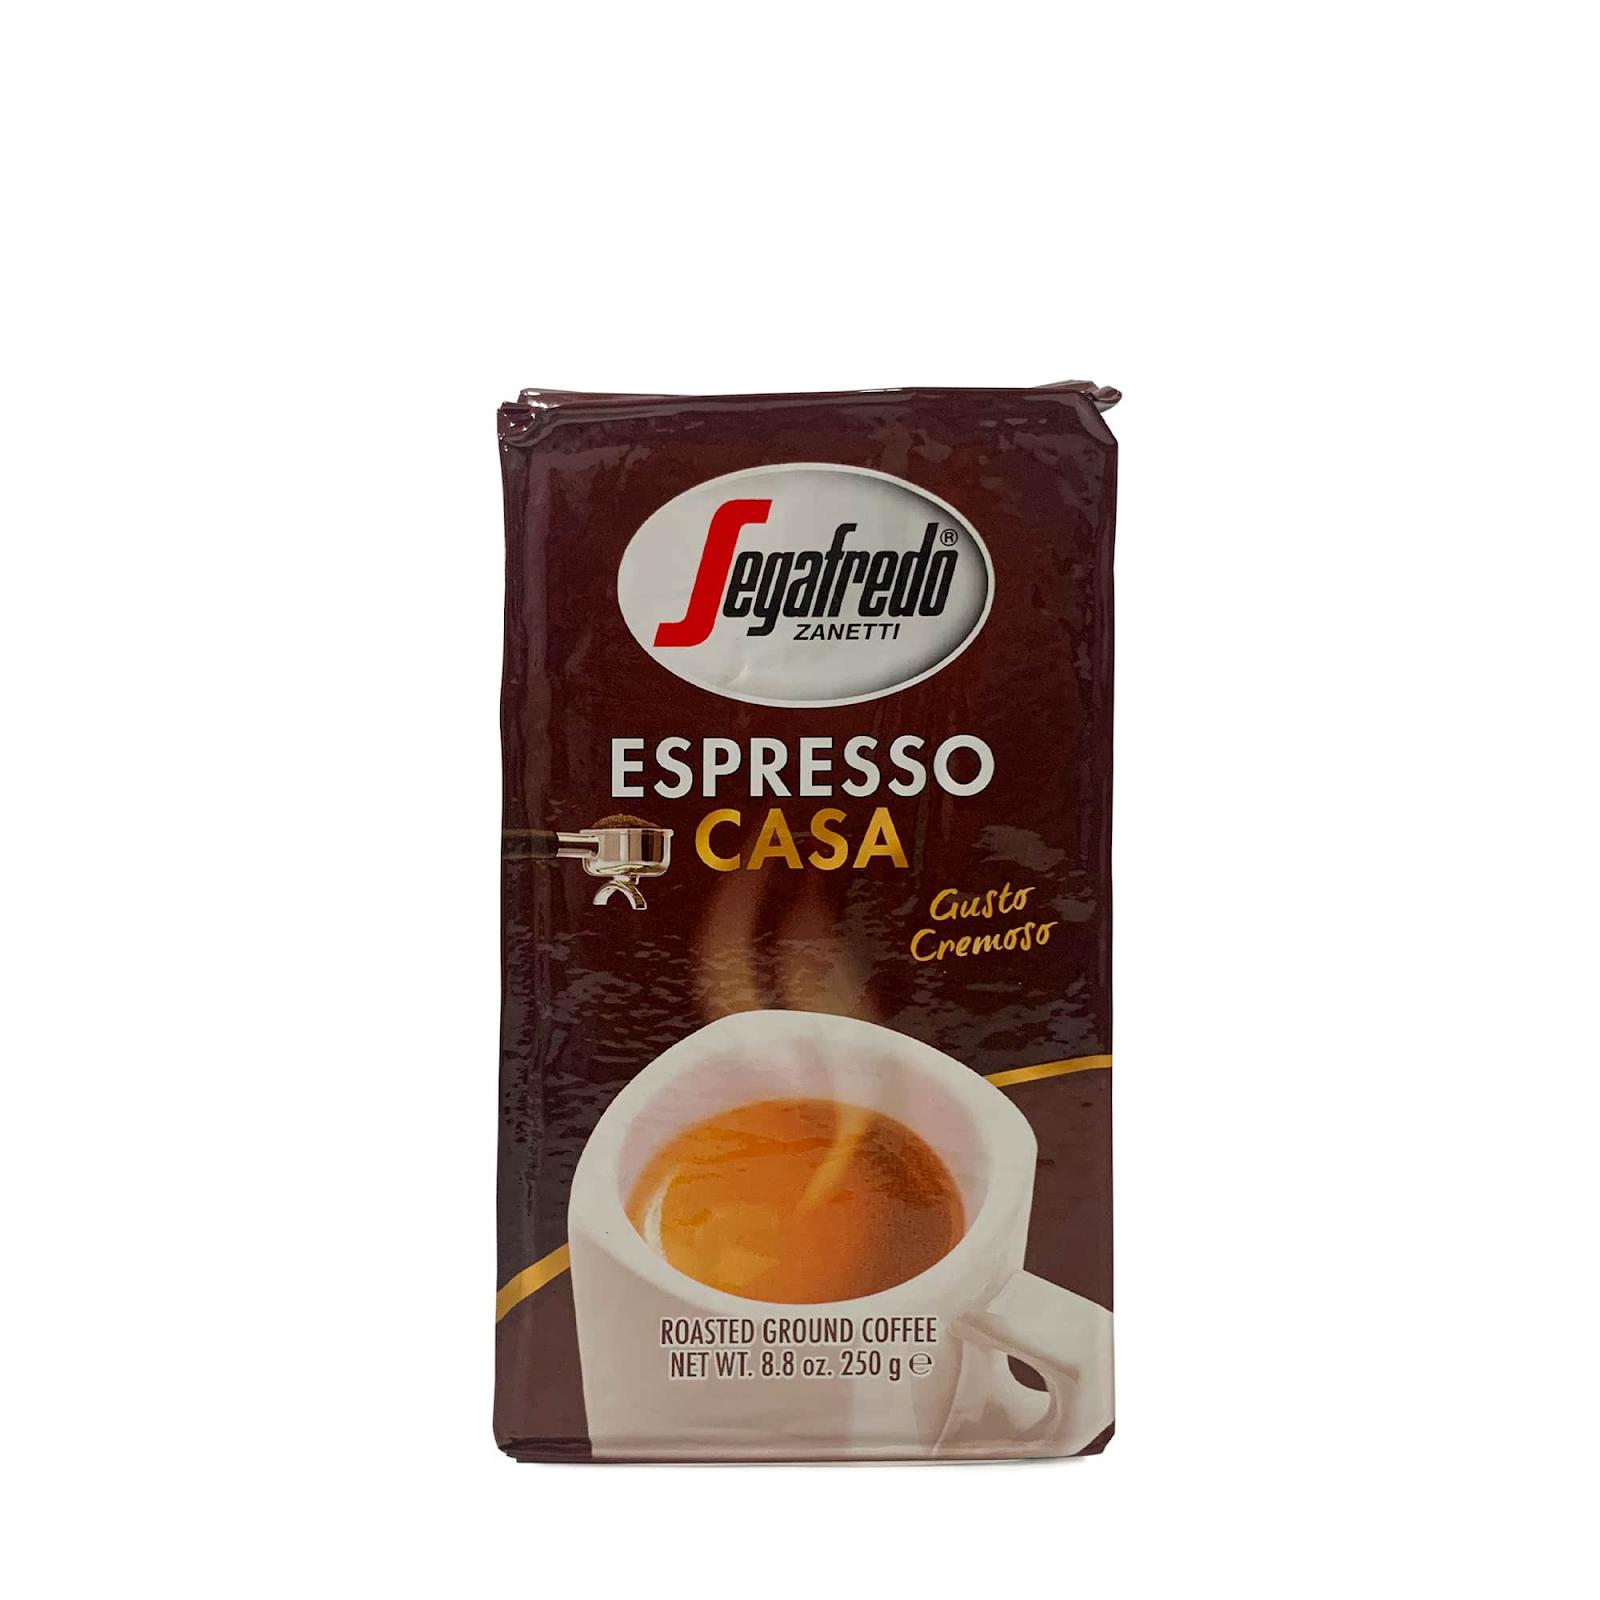 7. กาแฟคั่วบด เอสเพรสโซ คาซ่า เซกาเฟรโด